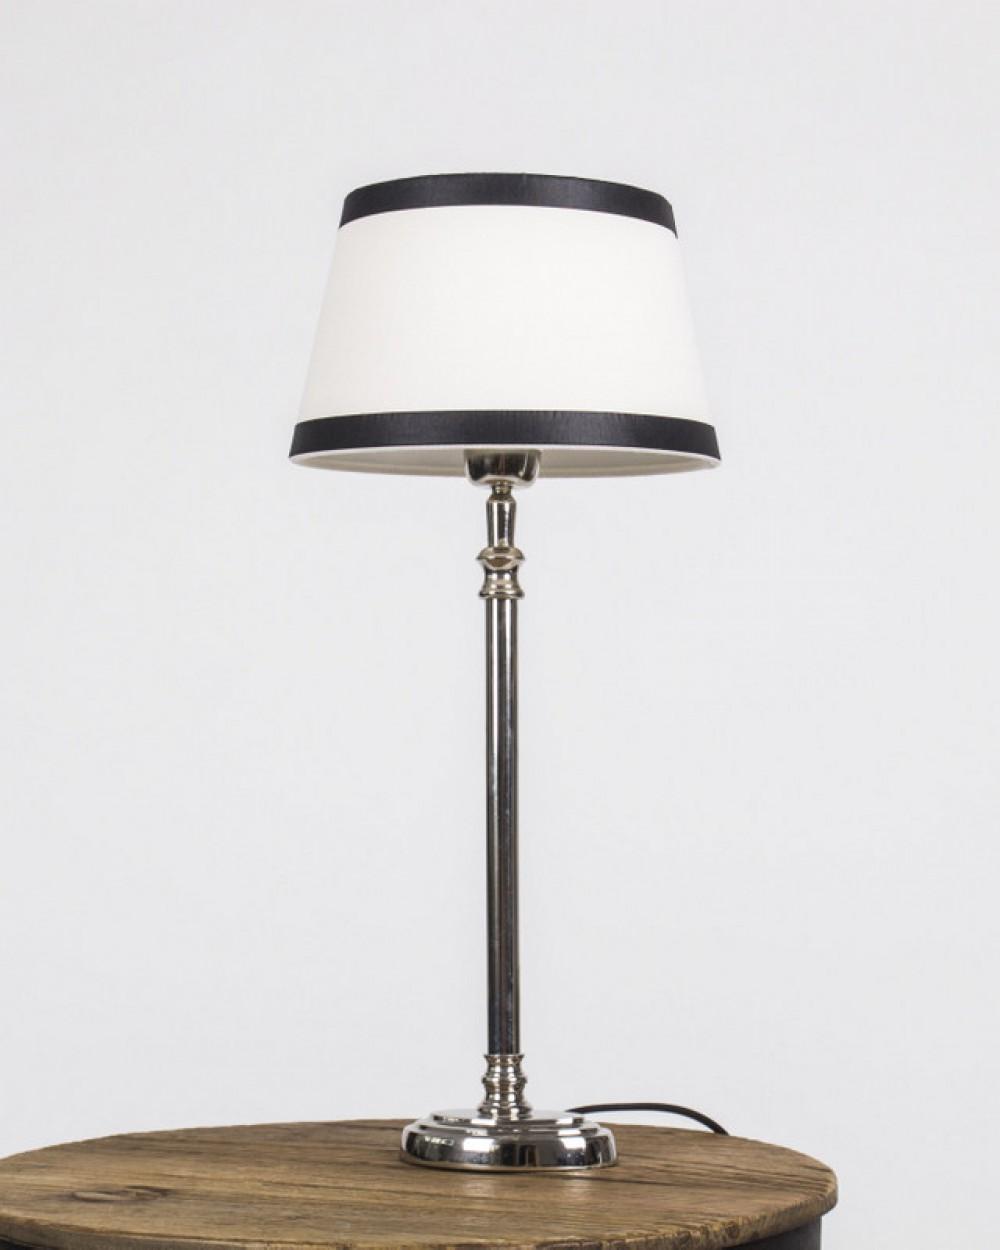 tischleuchte mit lampenschirm wei schwarz tischlampe. Black Bedroom Furniture Sets. Home Design Ideas